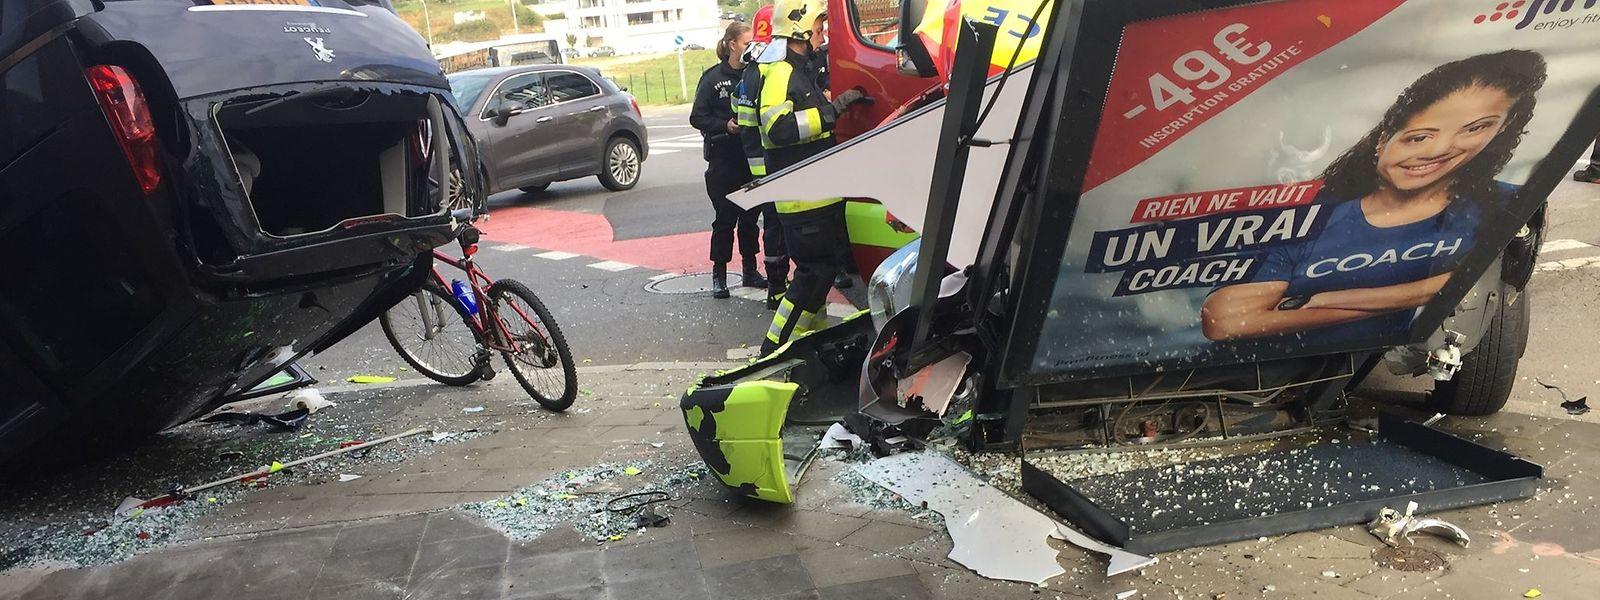 Nach dem Zusammenstoß mit dem Krankenwagen hat sich das Fahrzeug überschlagen. Die Polizei konnte noch keine Angaben über den genauen Unfallhergang machen.